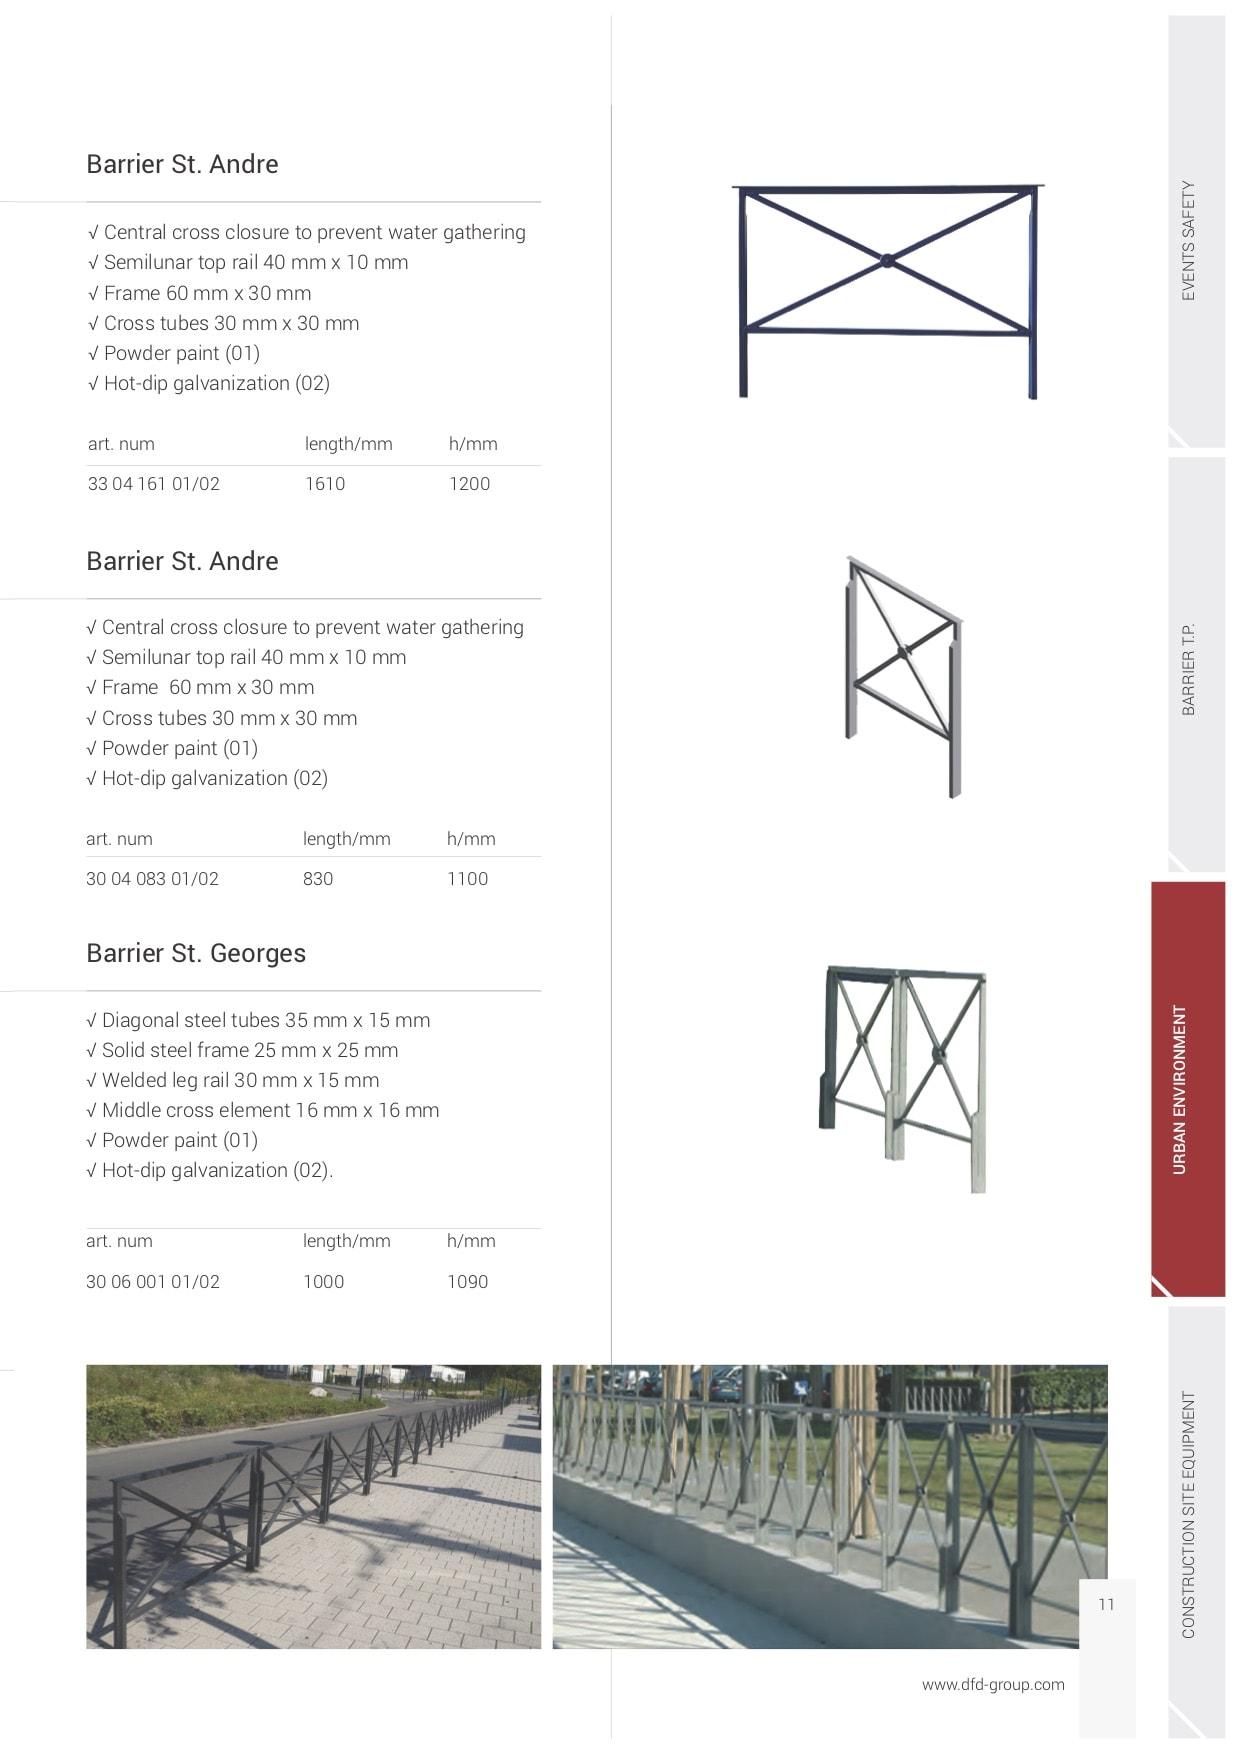 DfD_catalogue_en_Urban_Environment_2